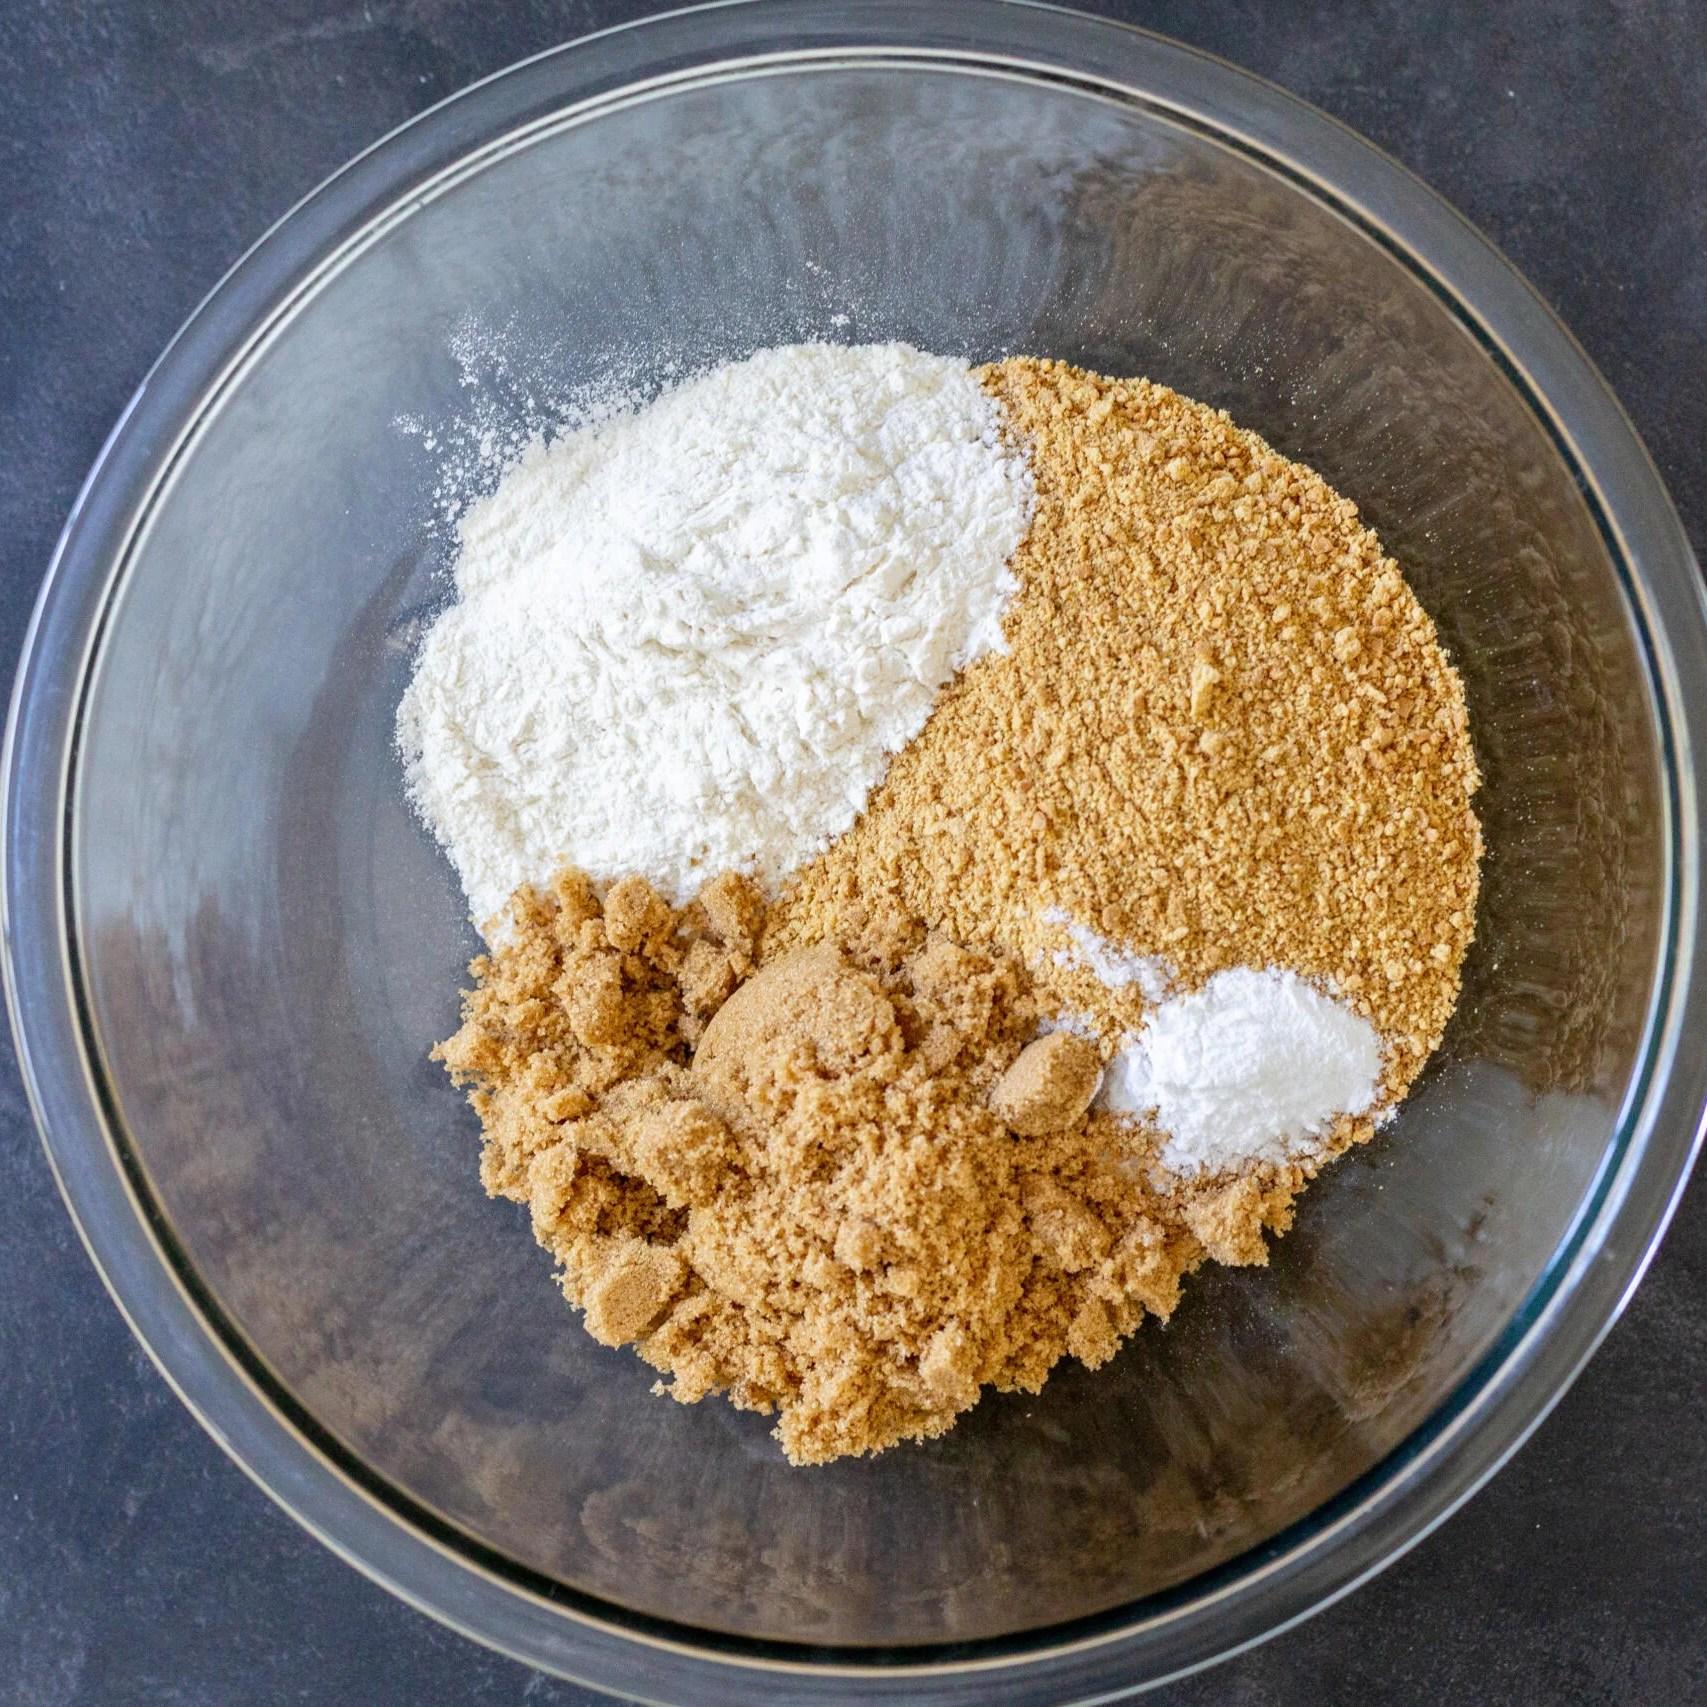 crumbs, flour, sugar in a bowl